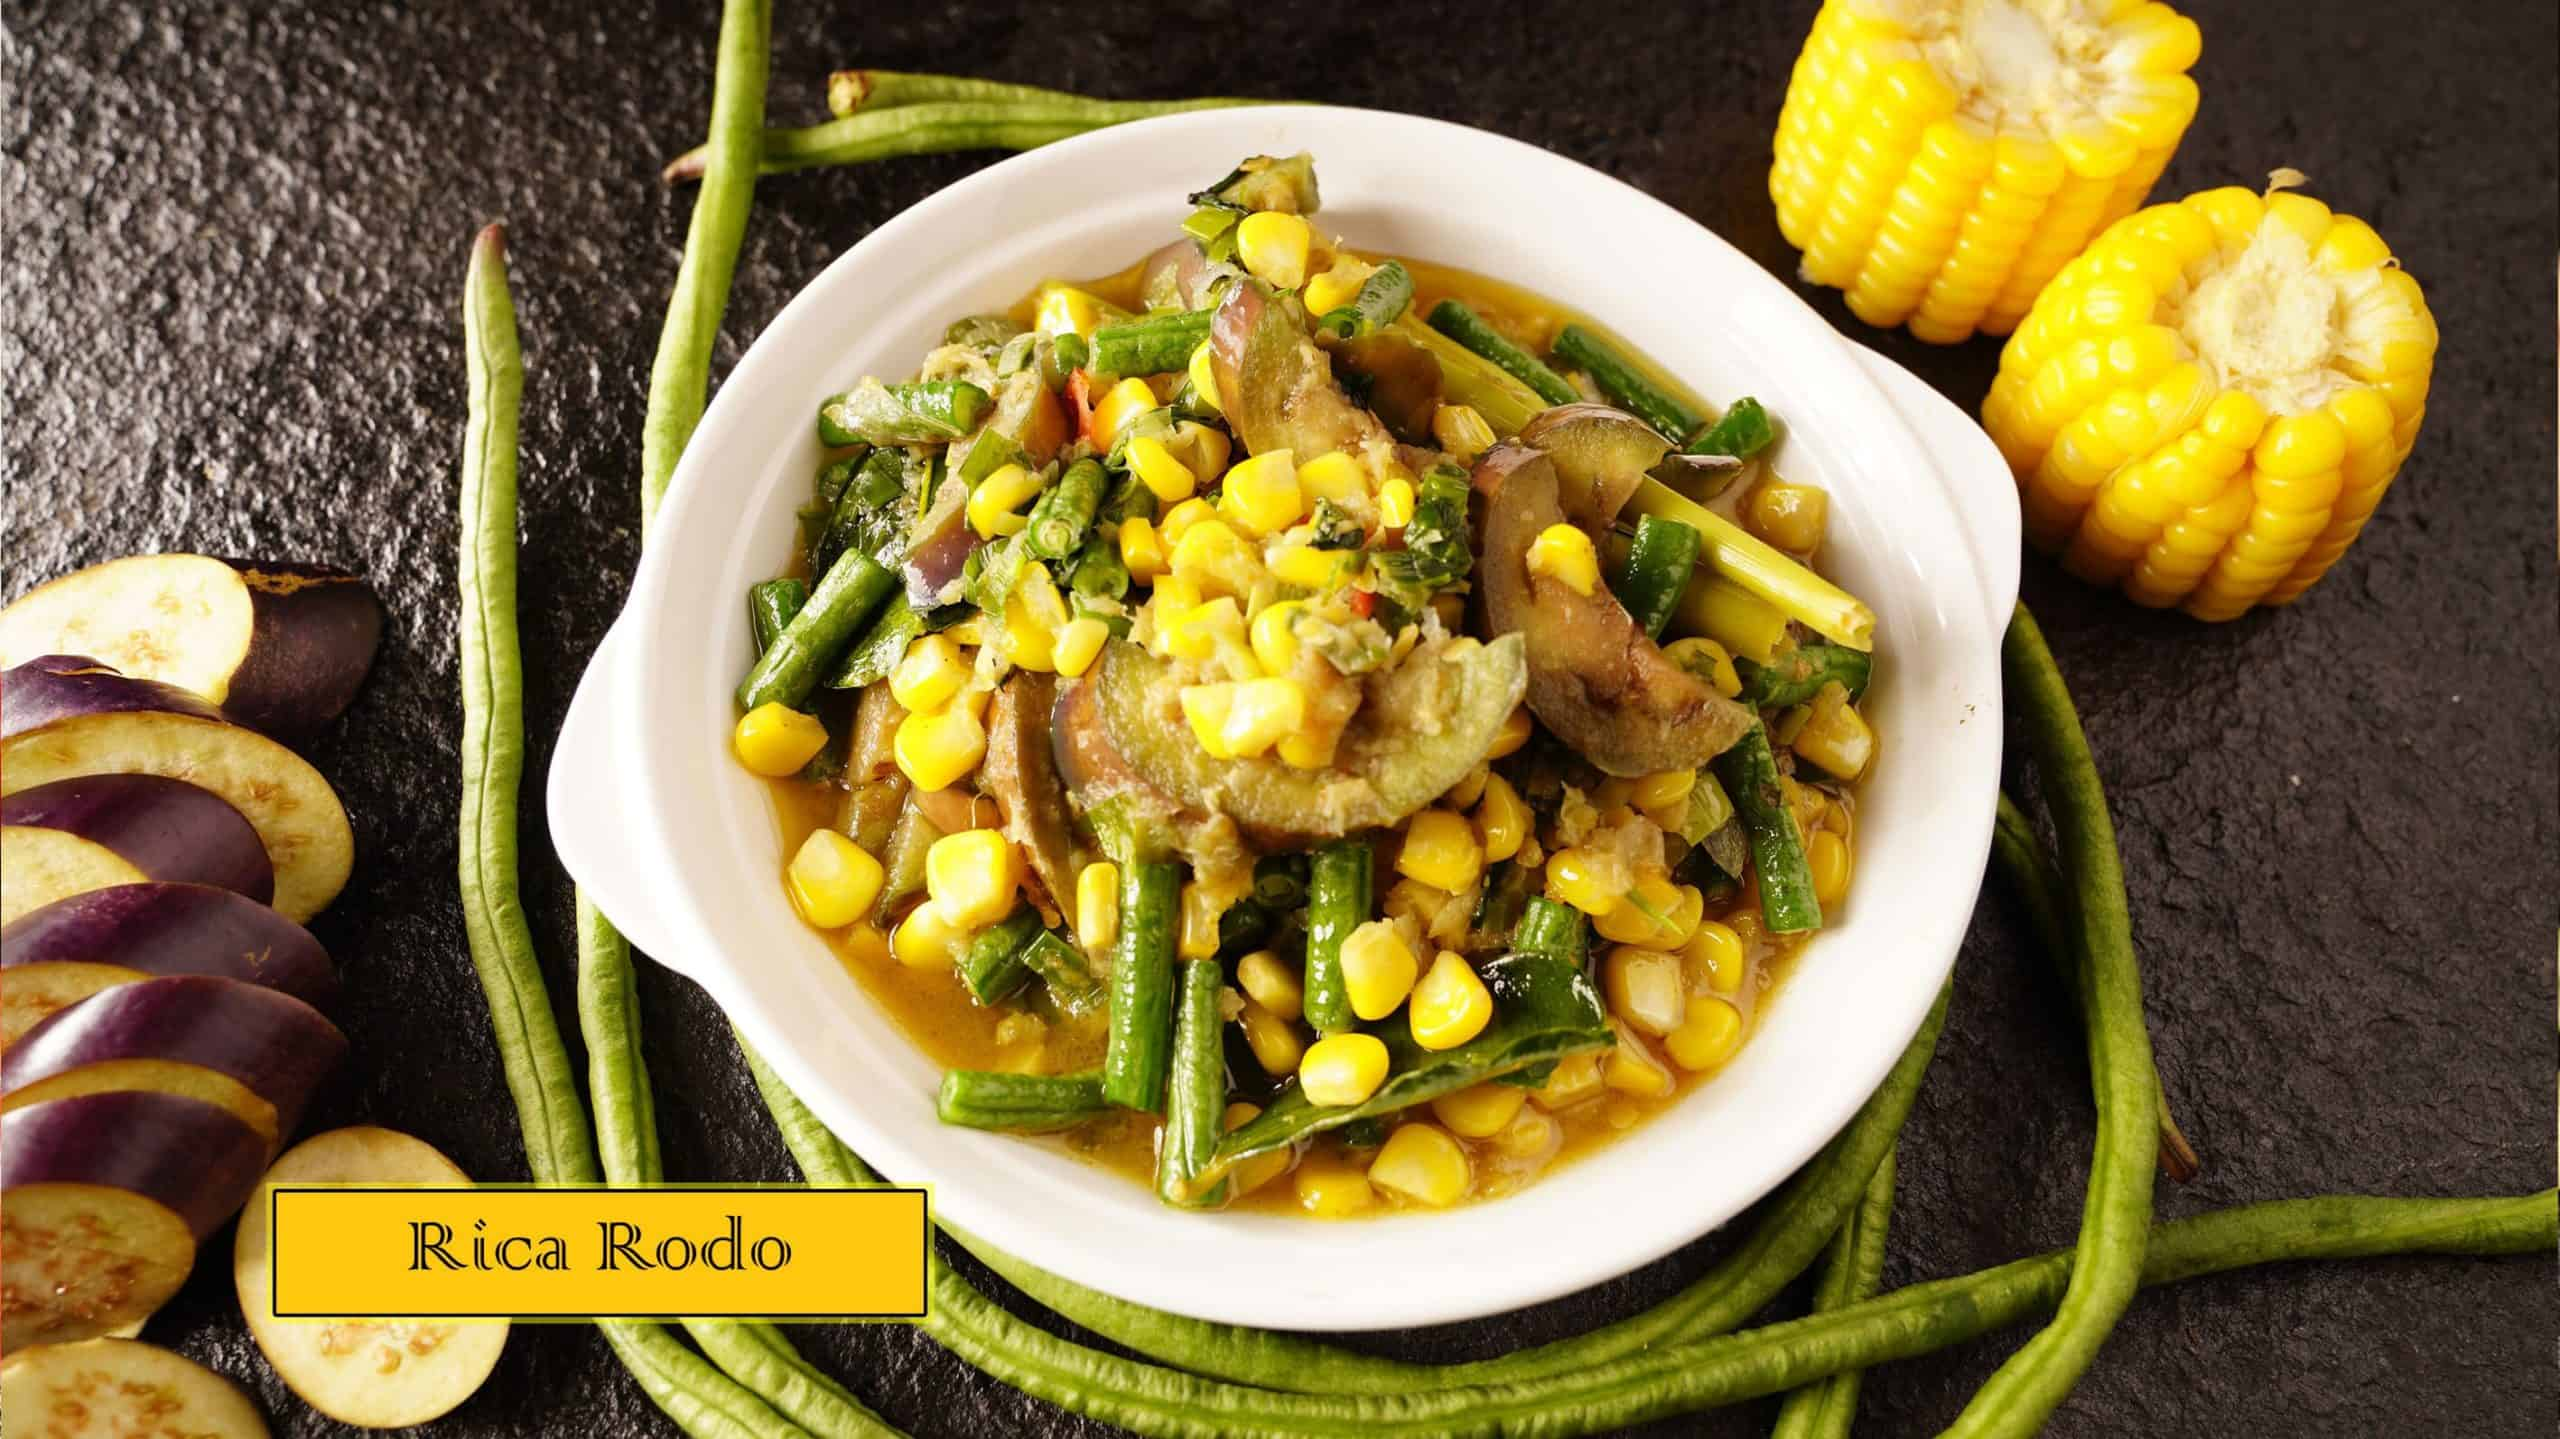 gambar makanan khas manado Rica Rodo